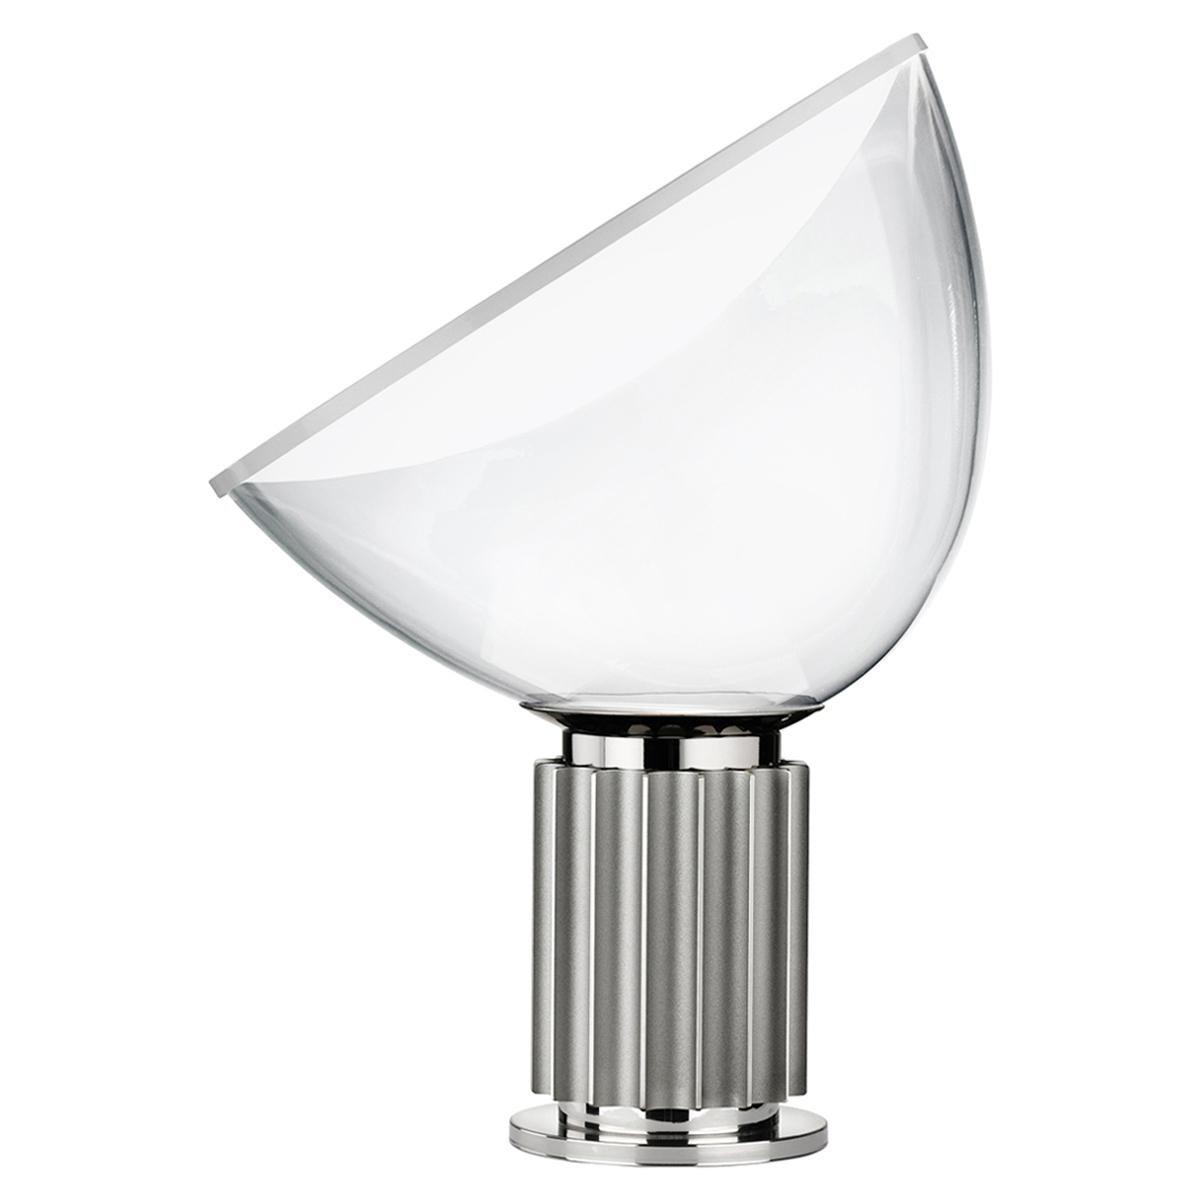 FLOS Taccia Small Table Lamp in Silver by Achille & Pier Giacomo Castiglioni